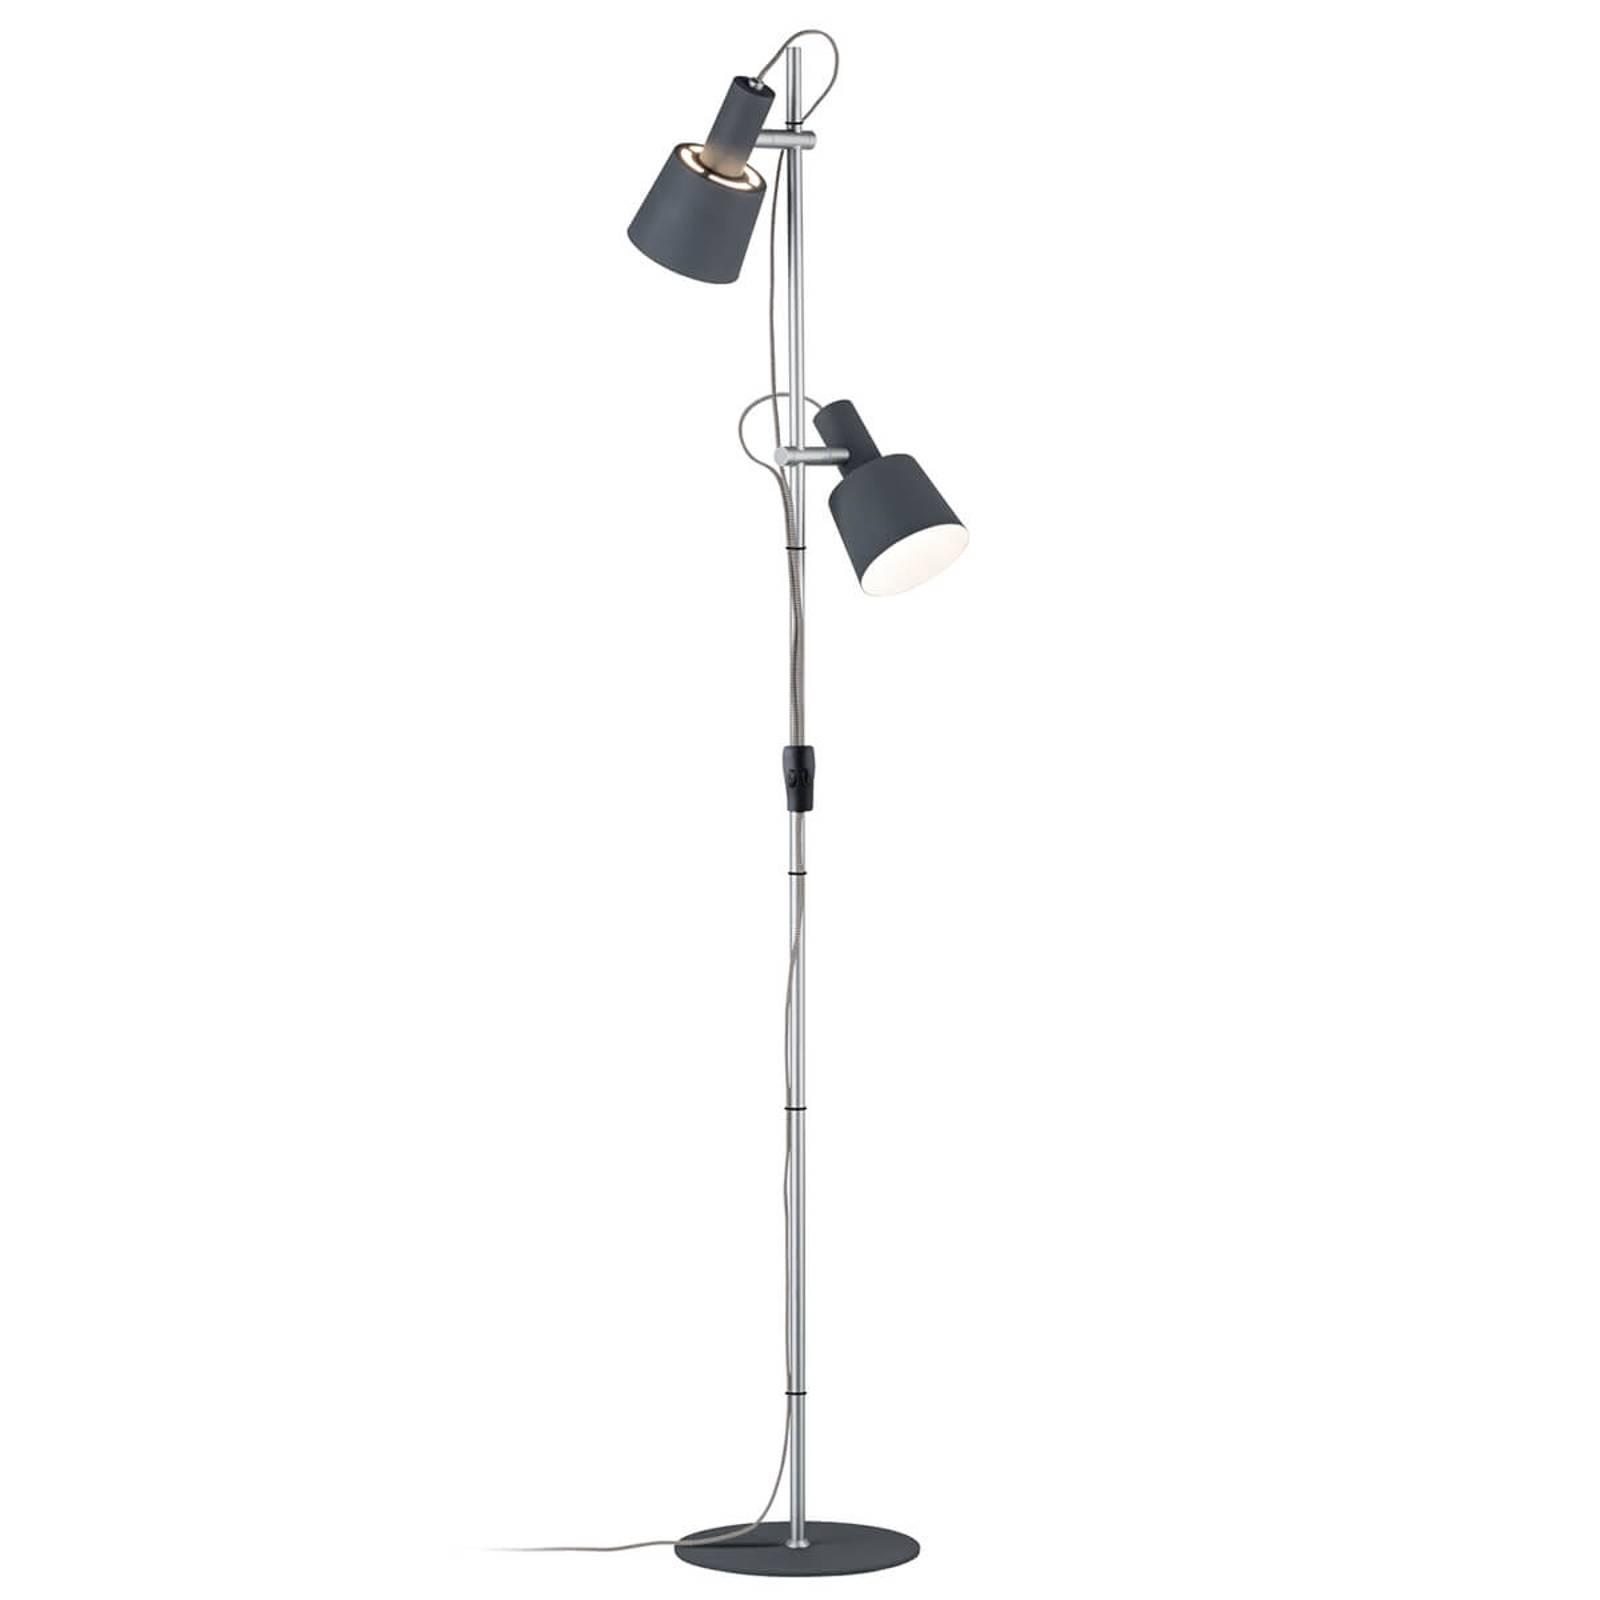 2-lamppu-lattiavalaisin Haldar, väriyhdistelmänä